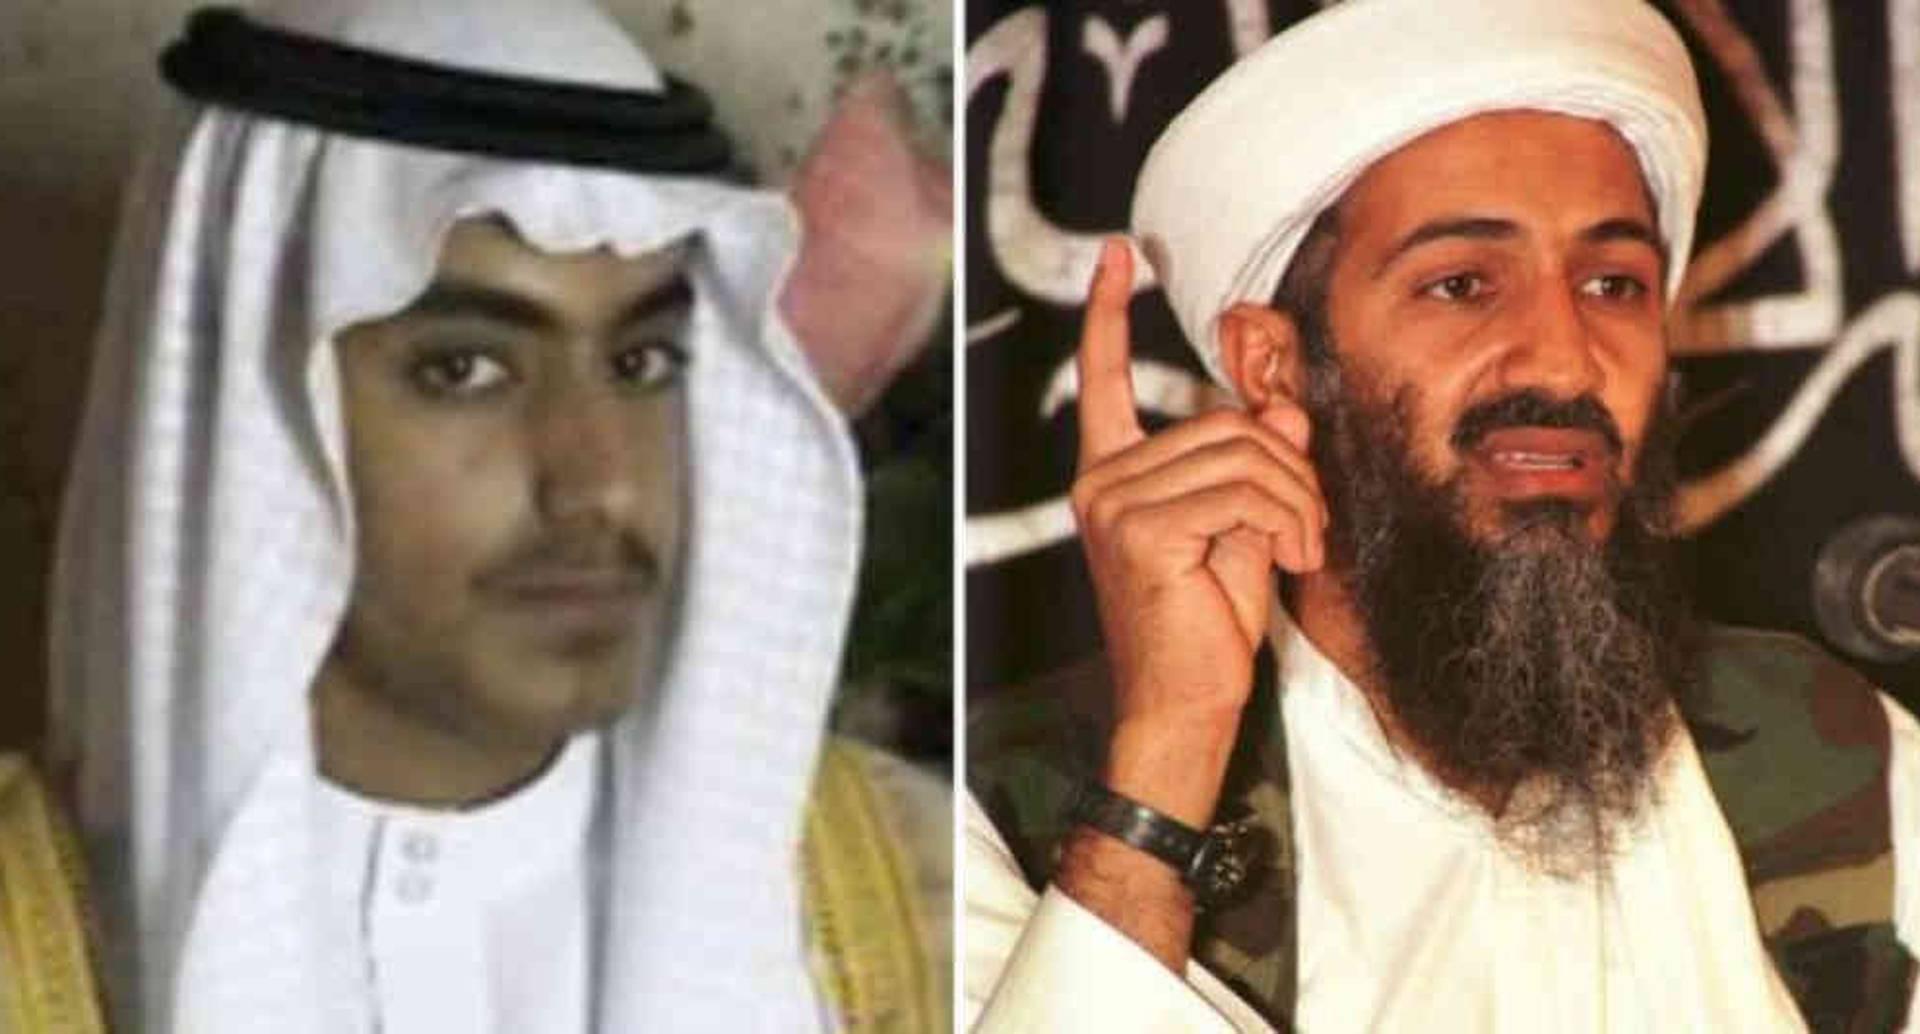 Sin dar fechas específicas, Trump confirmó que en una operación militar había muerto el heredero de Osama Bin Laden.